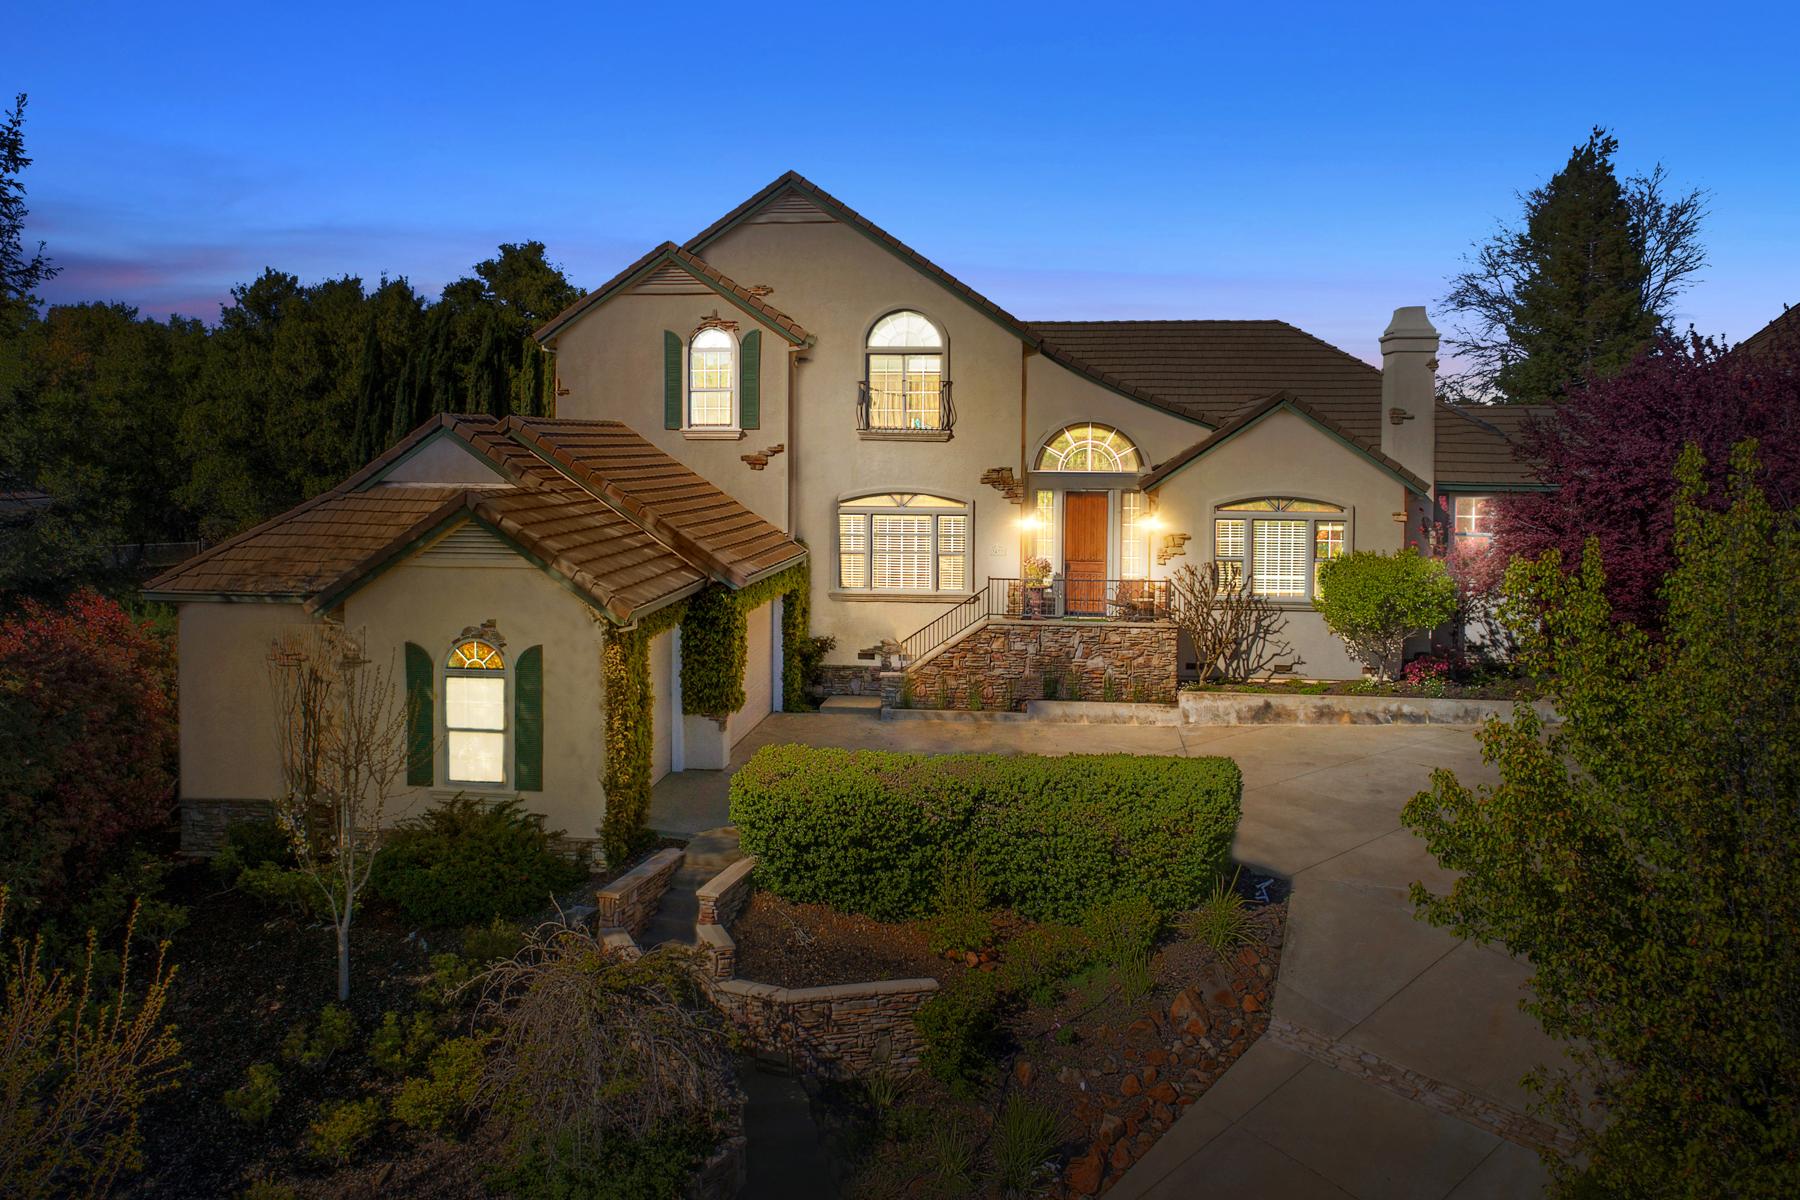 Maison unifamiliale pour l Vente à 3433 Raben Way, Cameron Park, CA 95682 Cameron Park, Californie 95682 États-Unis